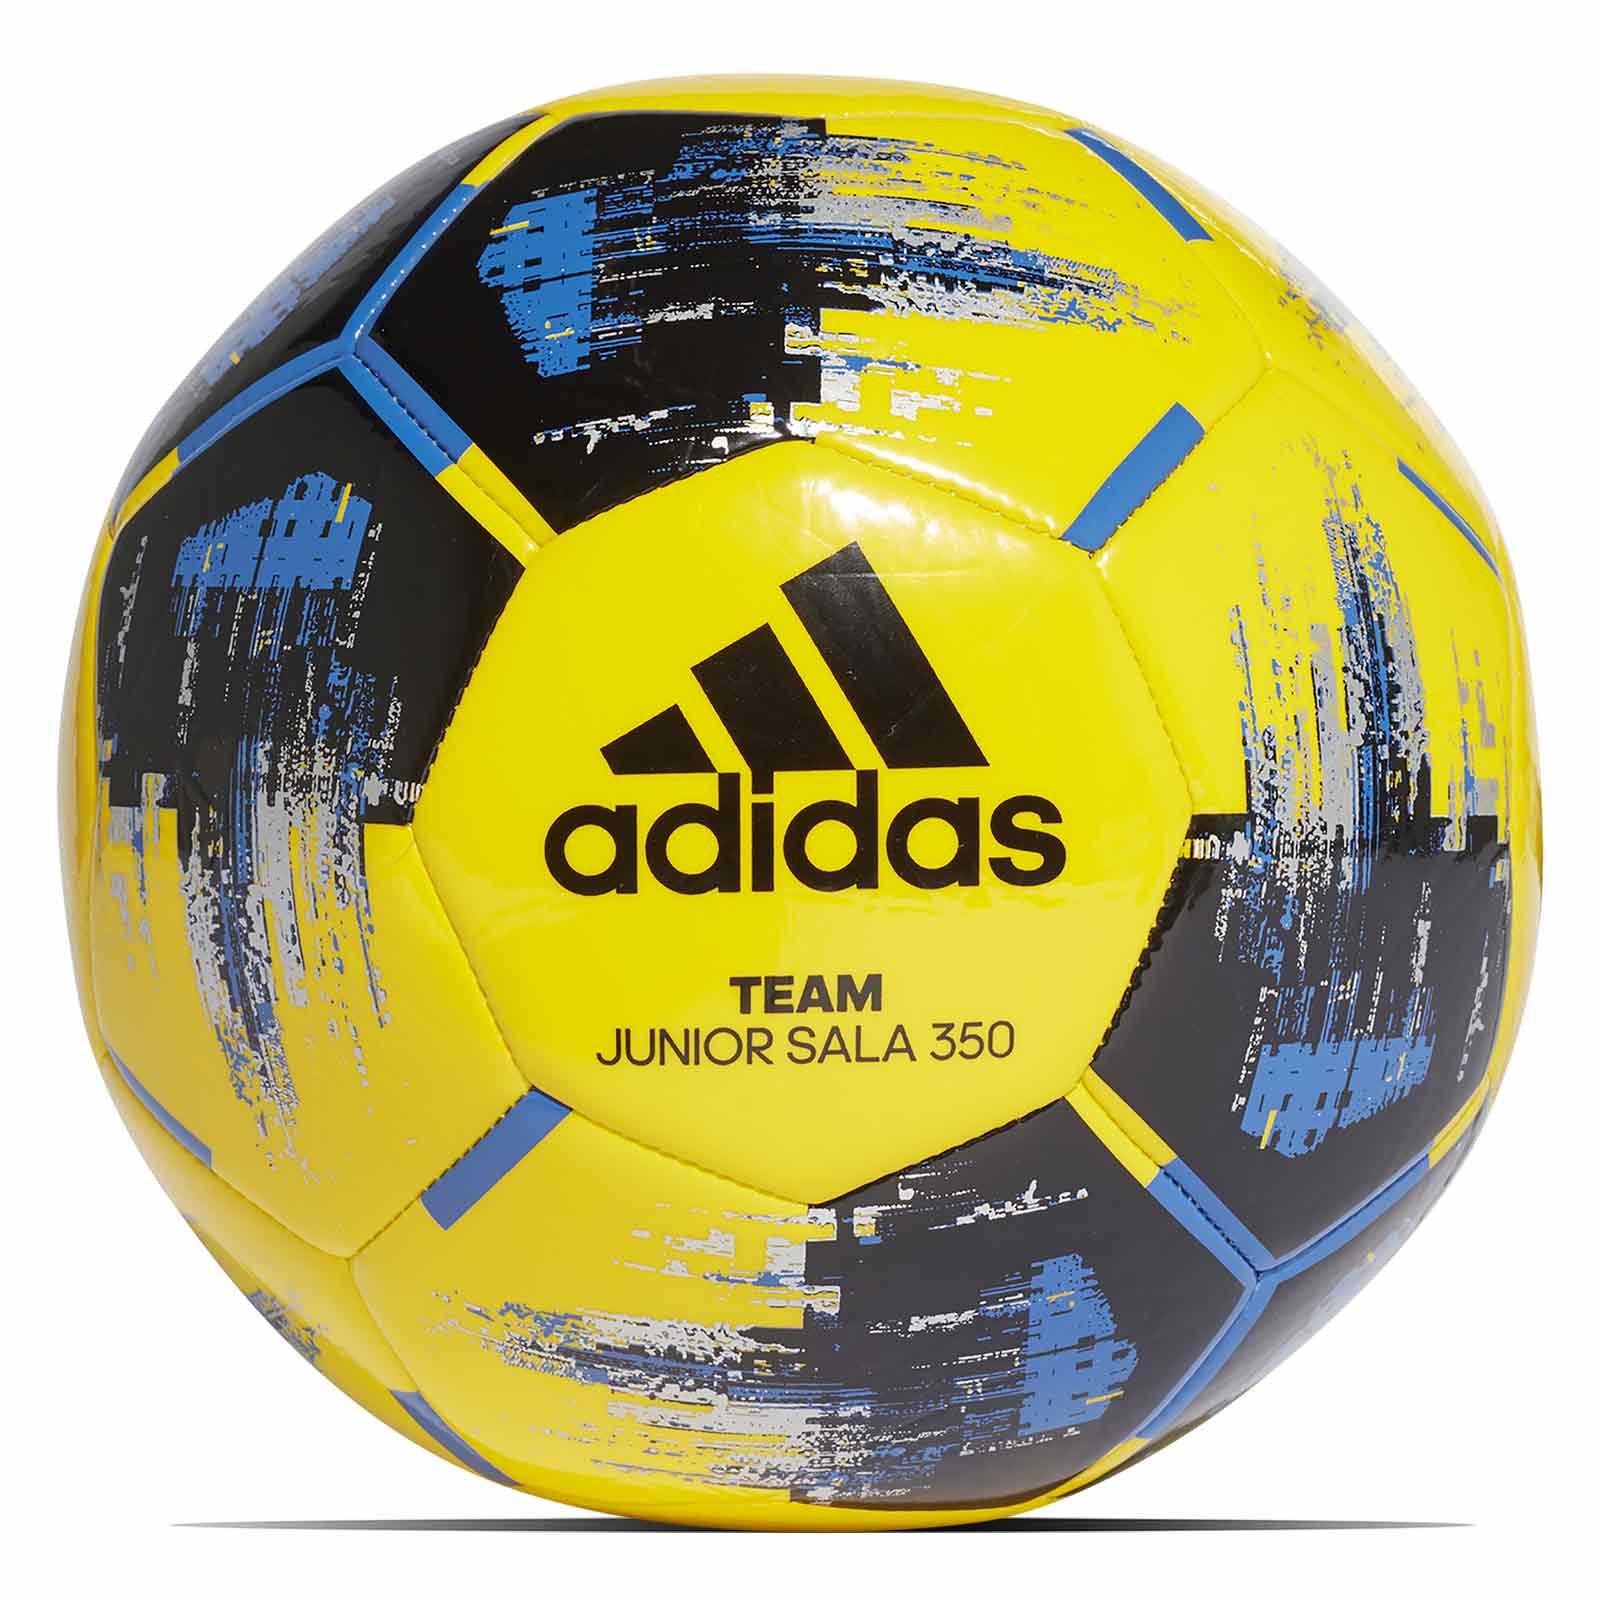 Catarata instante empresario  Balón adidas Team Junior Sala 350 talla 4 | futbolmania